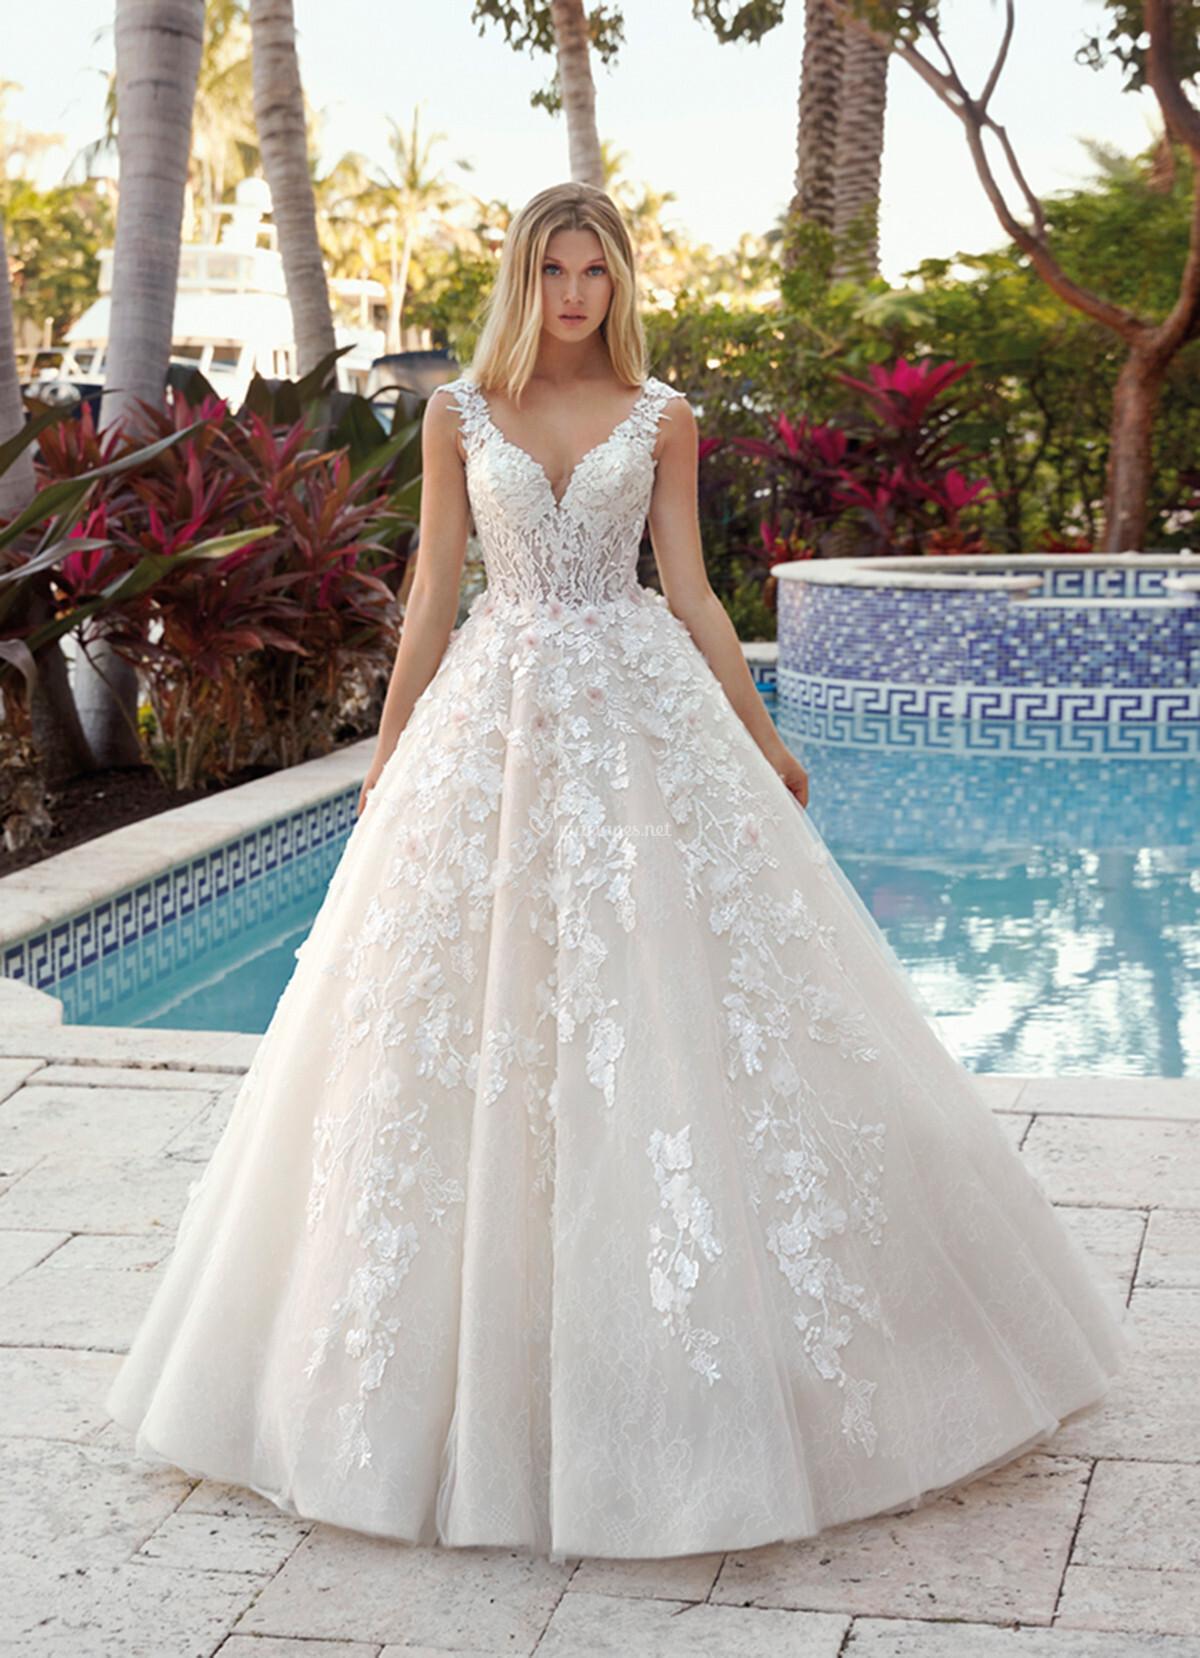 Robes de mariée sur Demetrios - 1022 - Mariages.net